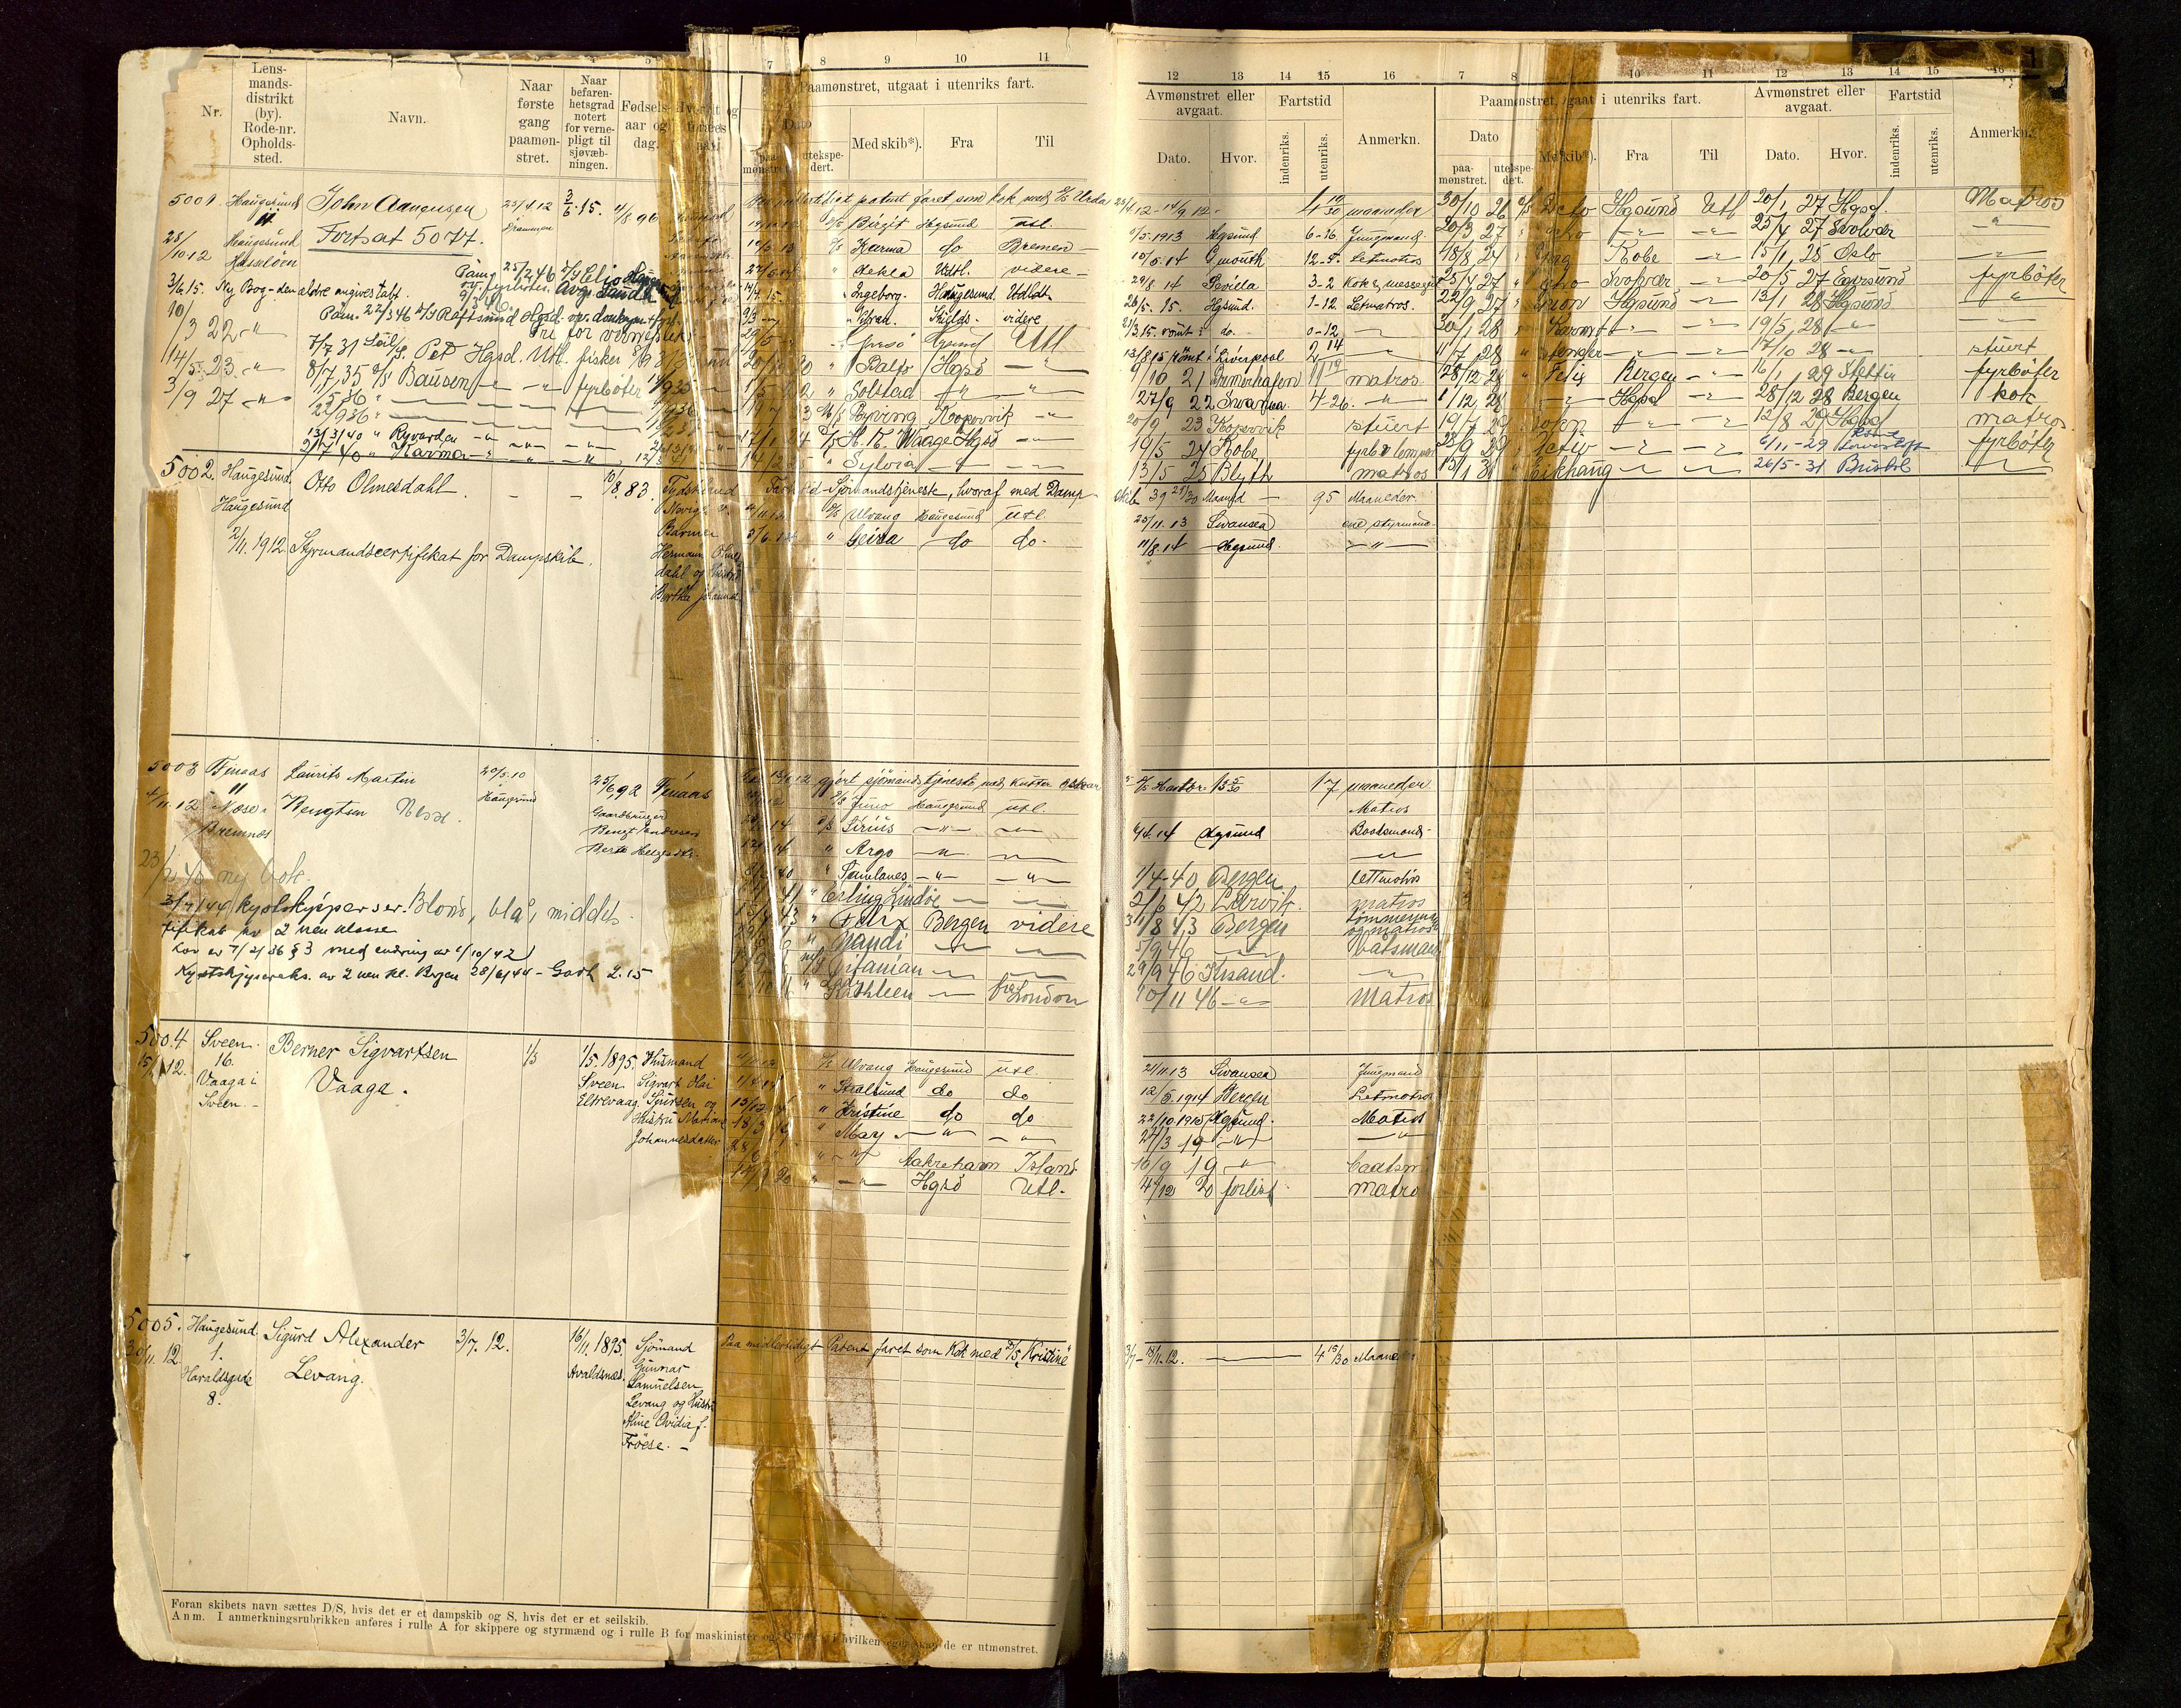 SAST, Haugesund sjømannskontor, F/Fb/Fbb/L0015: Sjøfartsrulle A Haugesund krets I nr 5001-8970, 1912-1948, p. 1